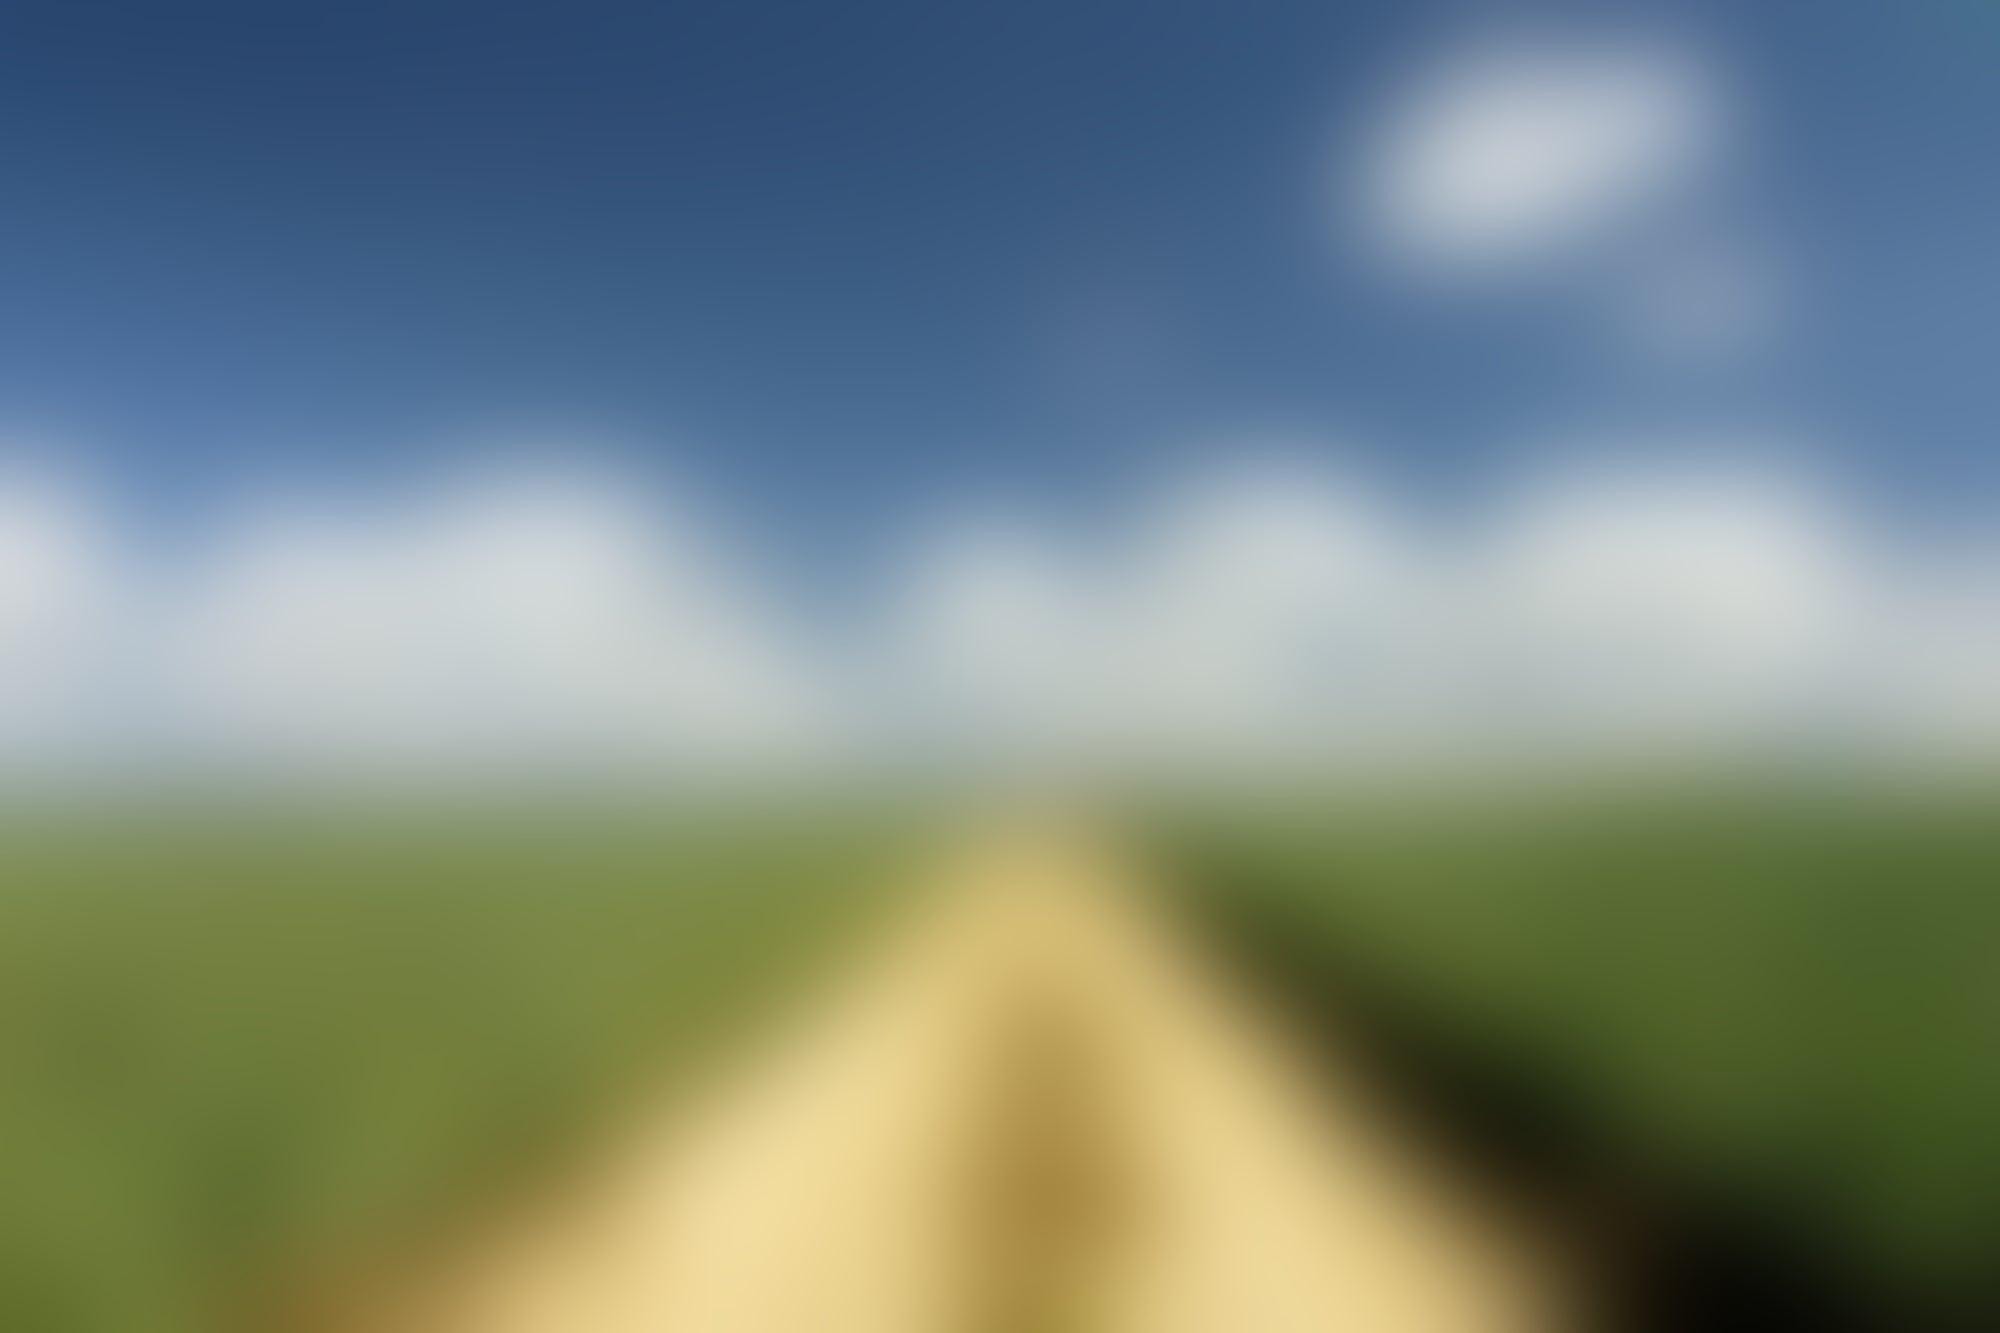 Olvídate de los atajos: el camino al éxito se logra con pasos lentos y cortos... ¡y duele!